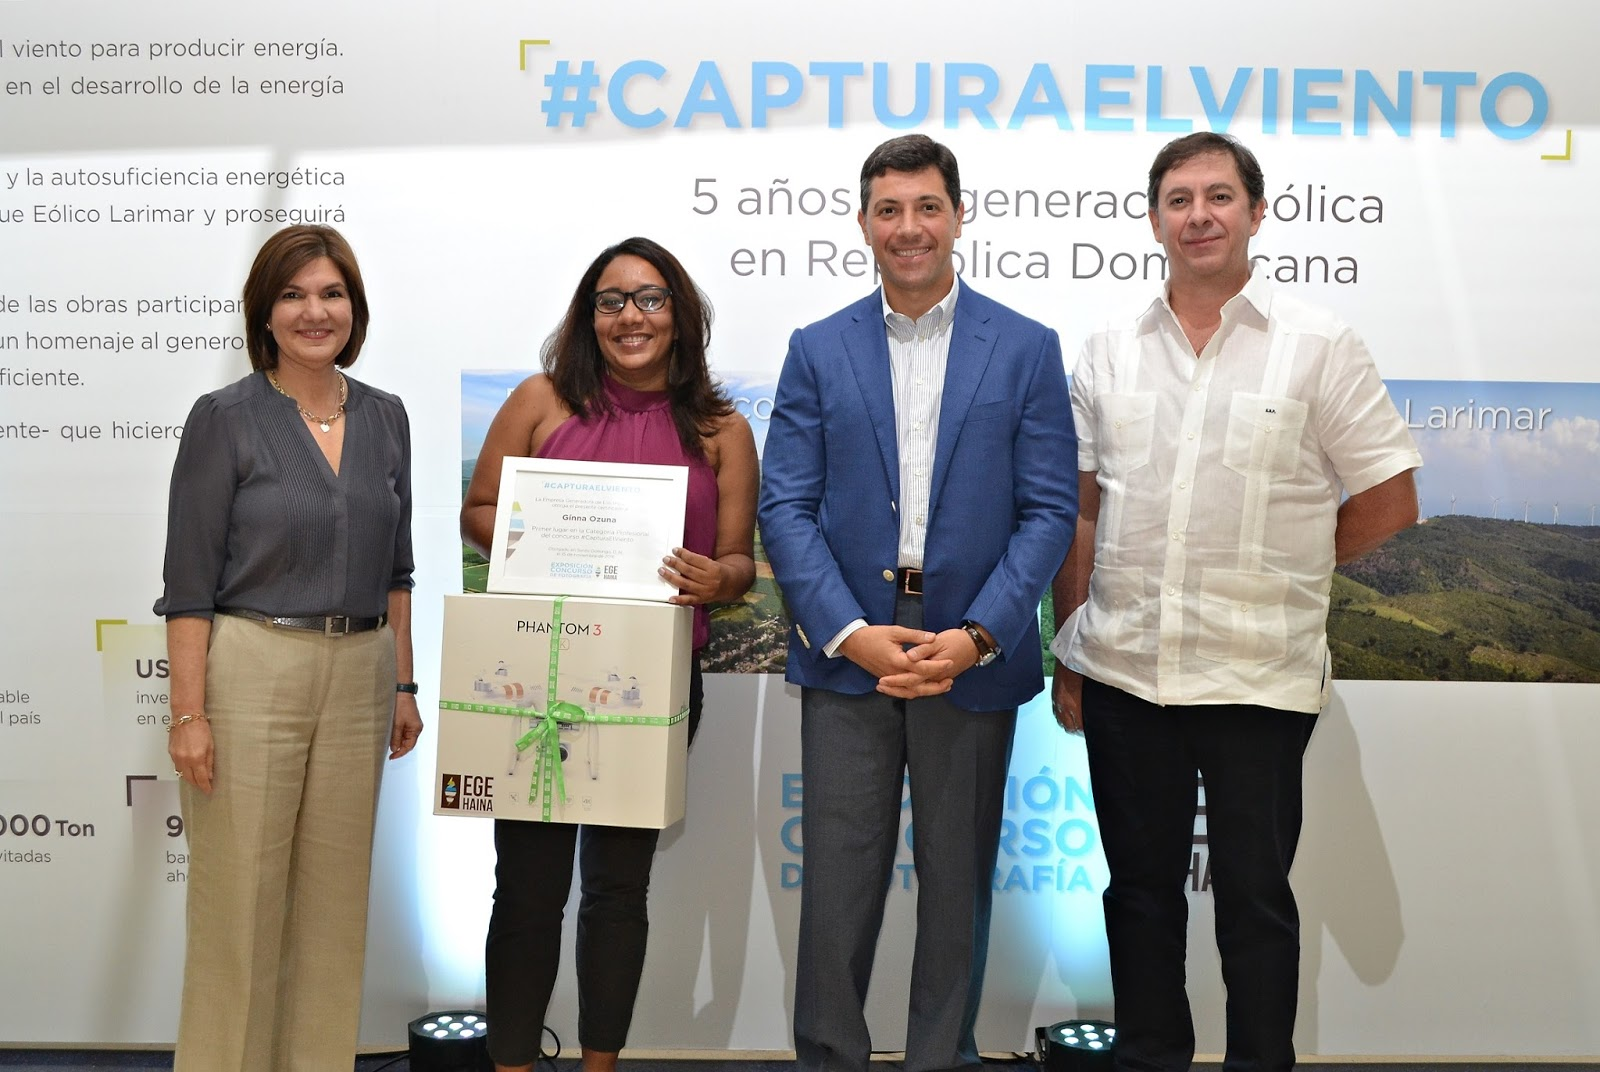 EGE Haina inaugura exposición fotográfica #CapturaElViento | GPS ...